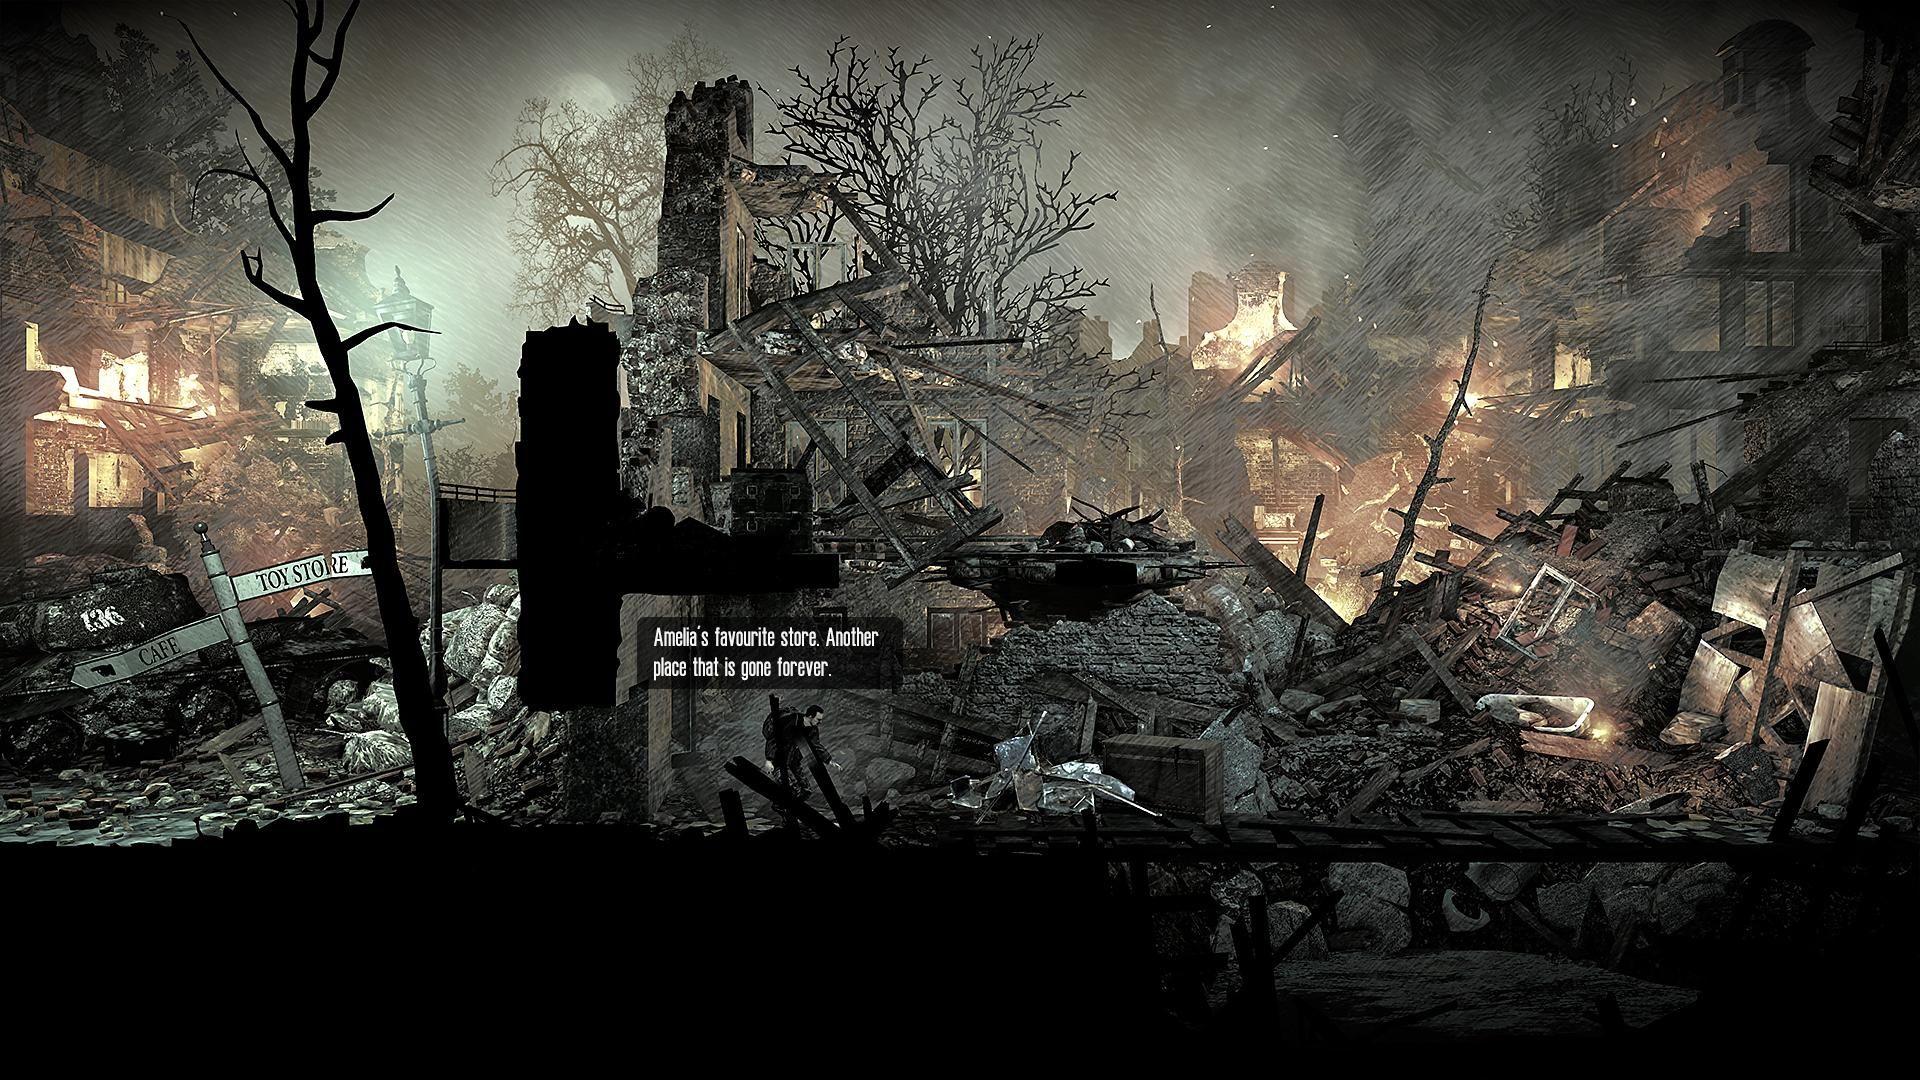 这是我的战争:故事 - 父亲的承诺(This War of Mine)  游戏截图3